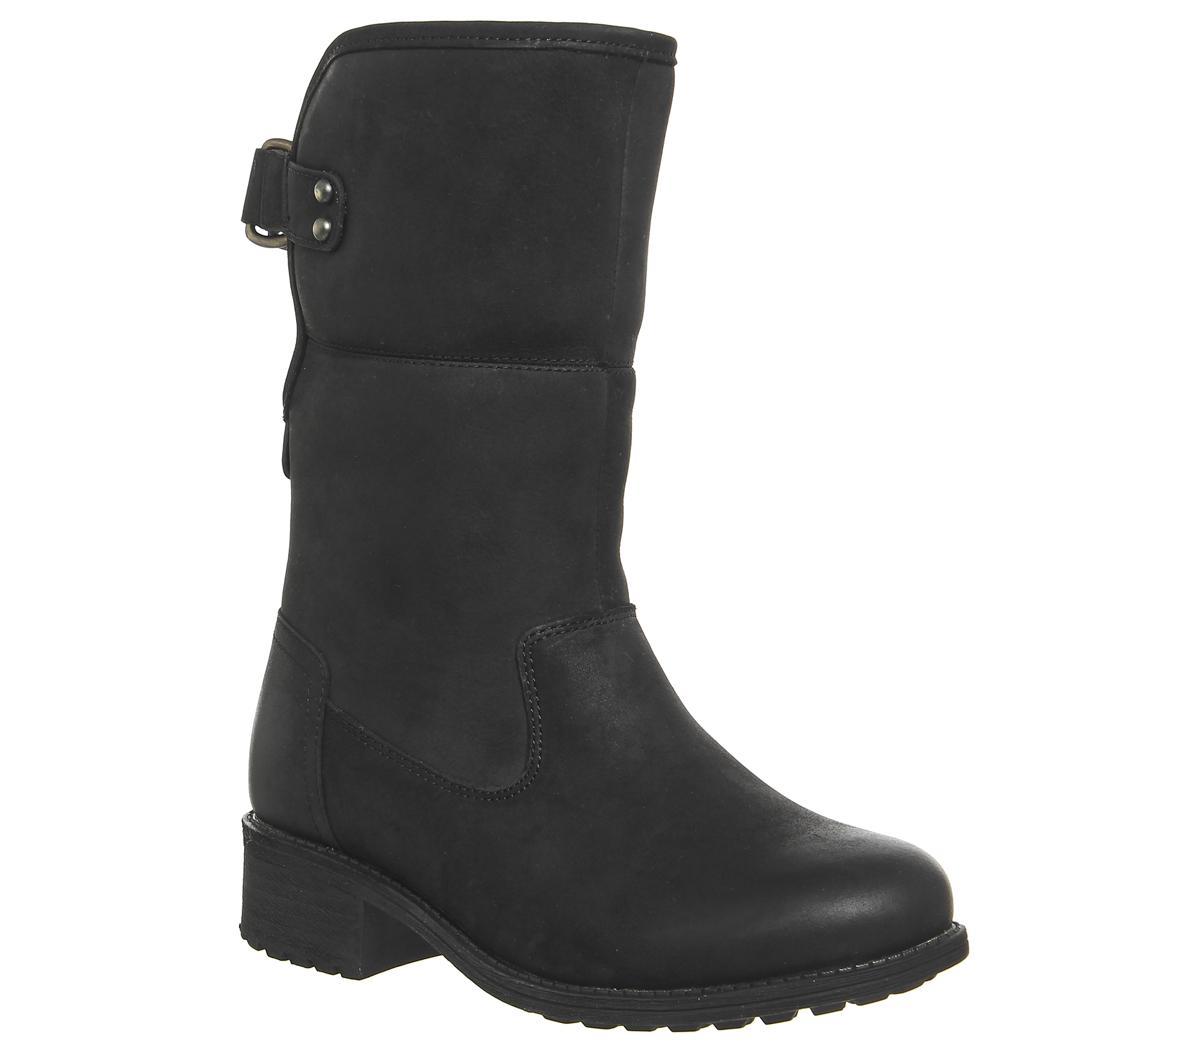 7eee4ead674 UGG Aldon Fold Down Boots in Black - Lyst